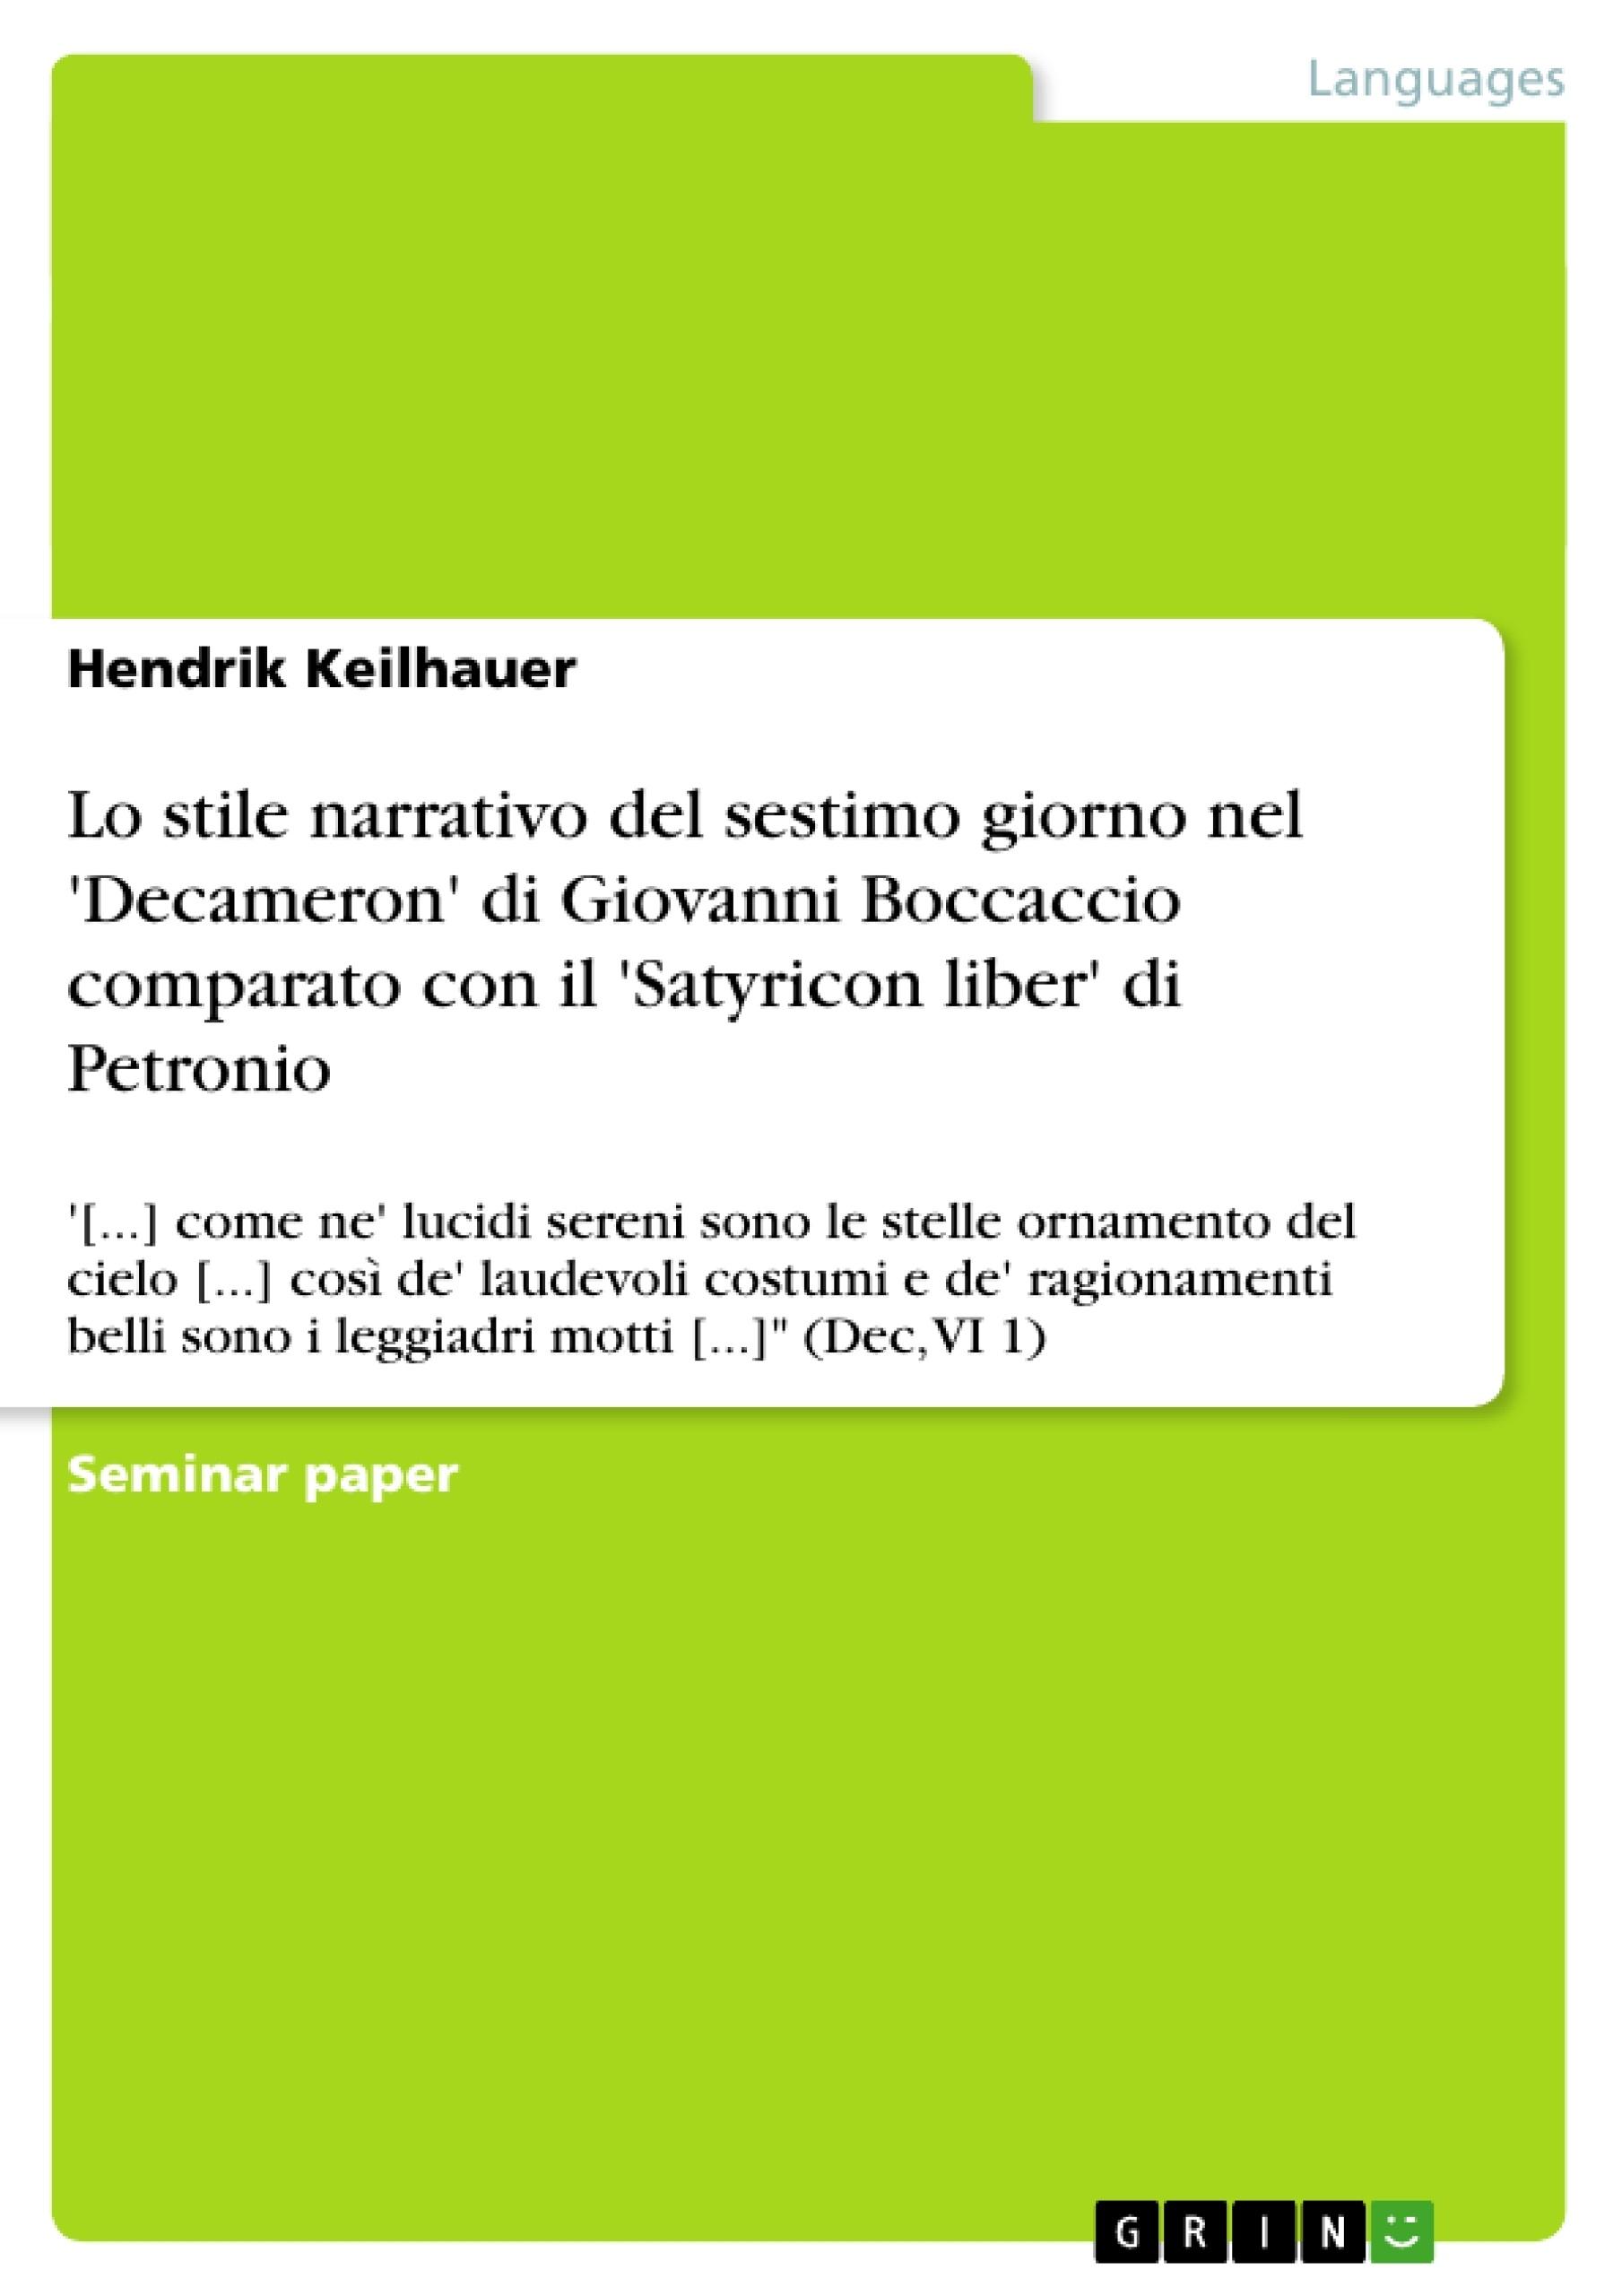 Title: Lo stile narrativo del sestimo giorno nel 'Decameron' di Giovanni Boccaccio comparato con il 'Satyricon liber' di Petronio